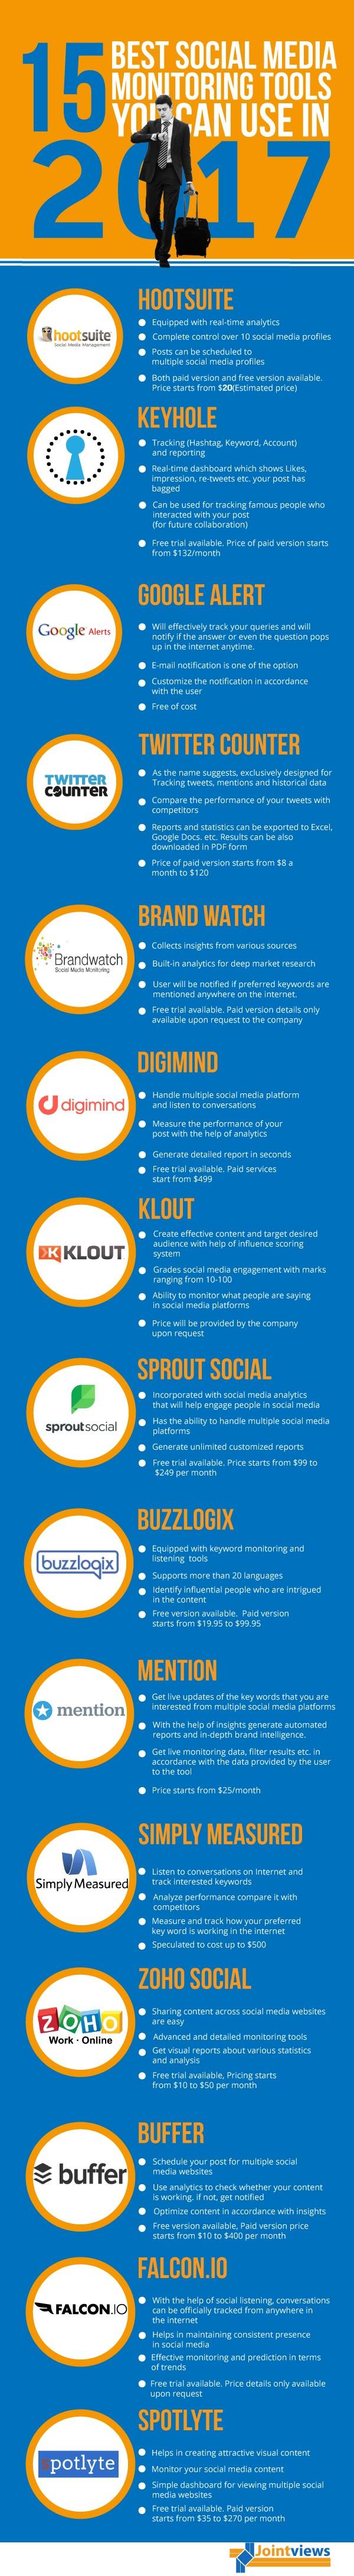 Nostromo, agence de communication, vous présente plusieurs solutions pour monitorer vos reseaux sociaux